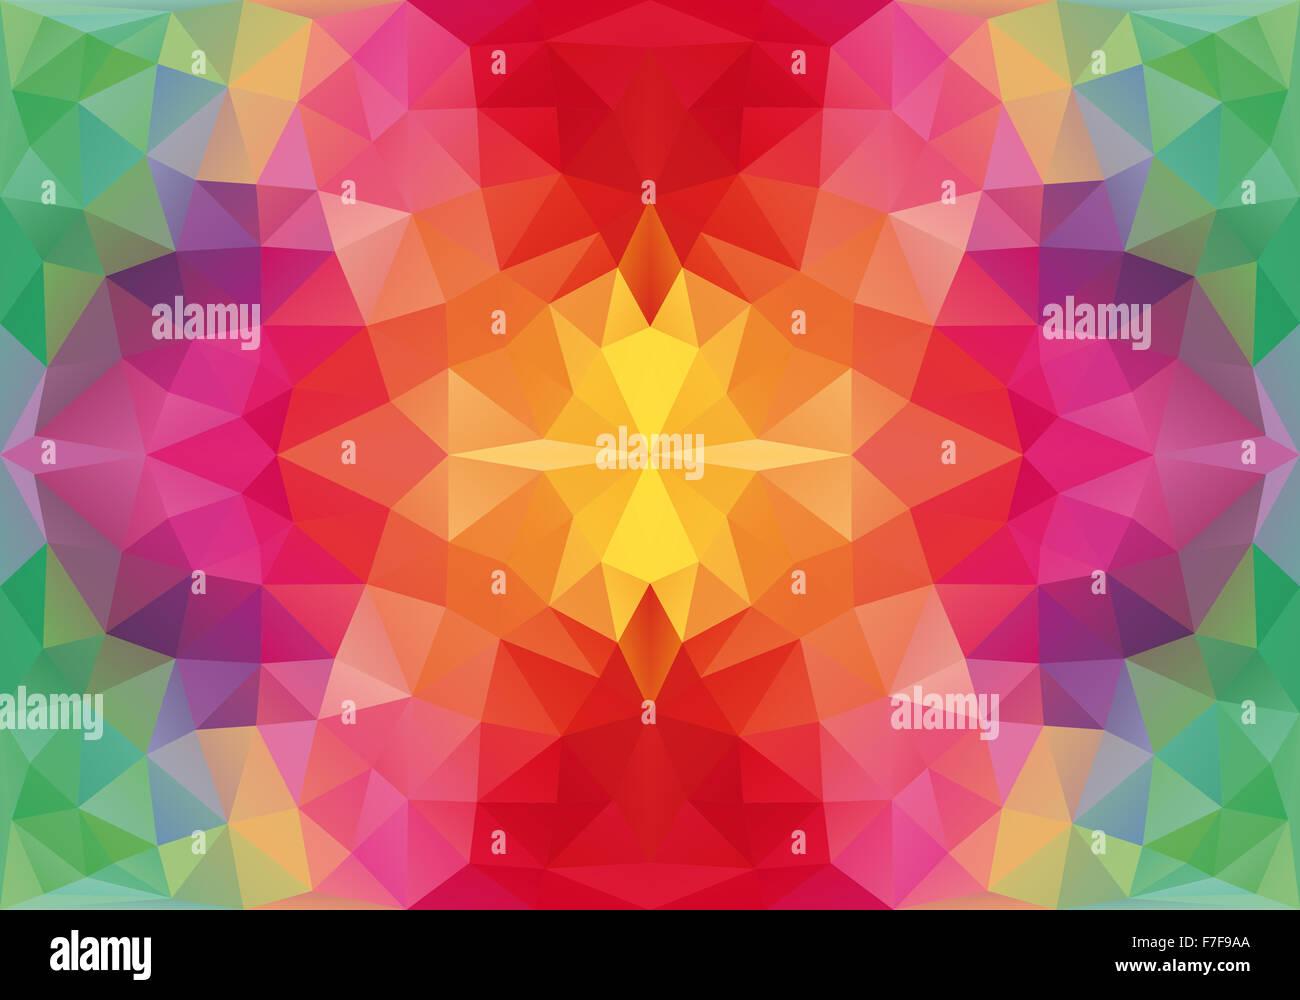 Abstract floreali e geometriche pattern poligonali, seamless sfondo vettoriale Immagini Stock